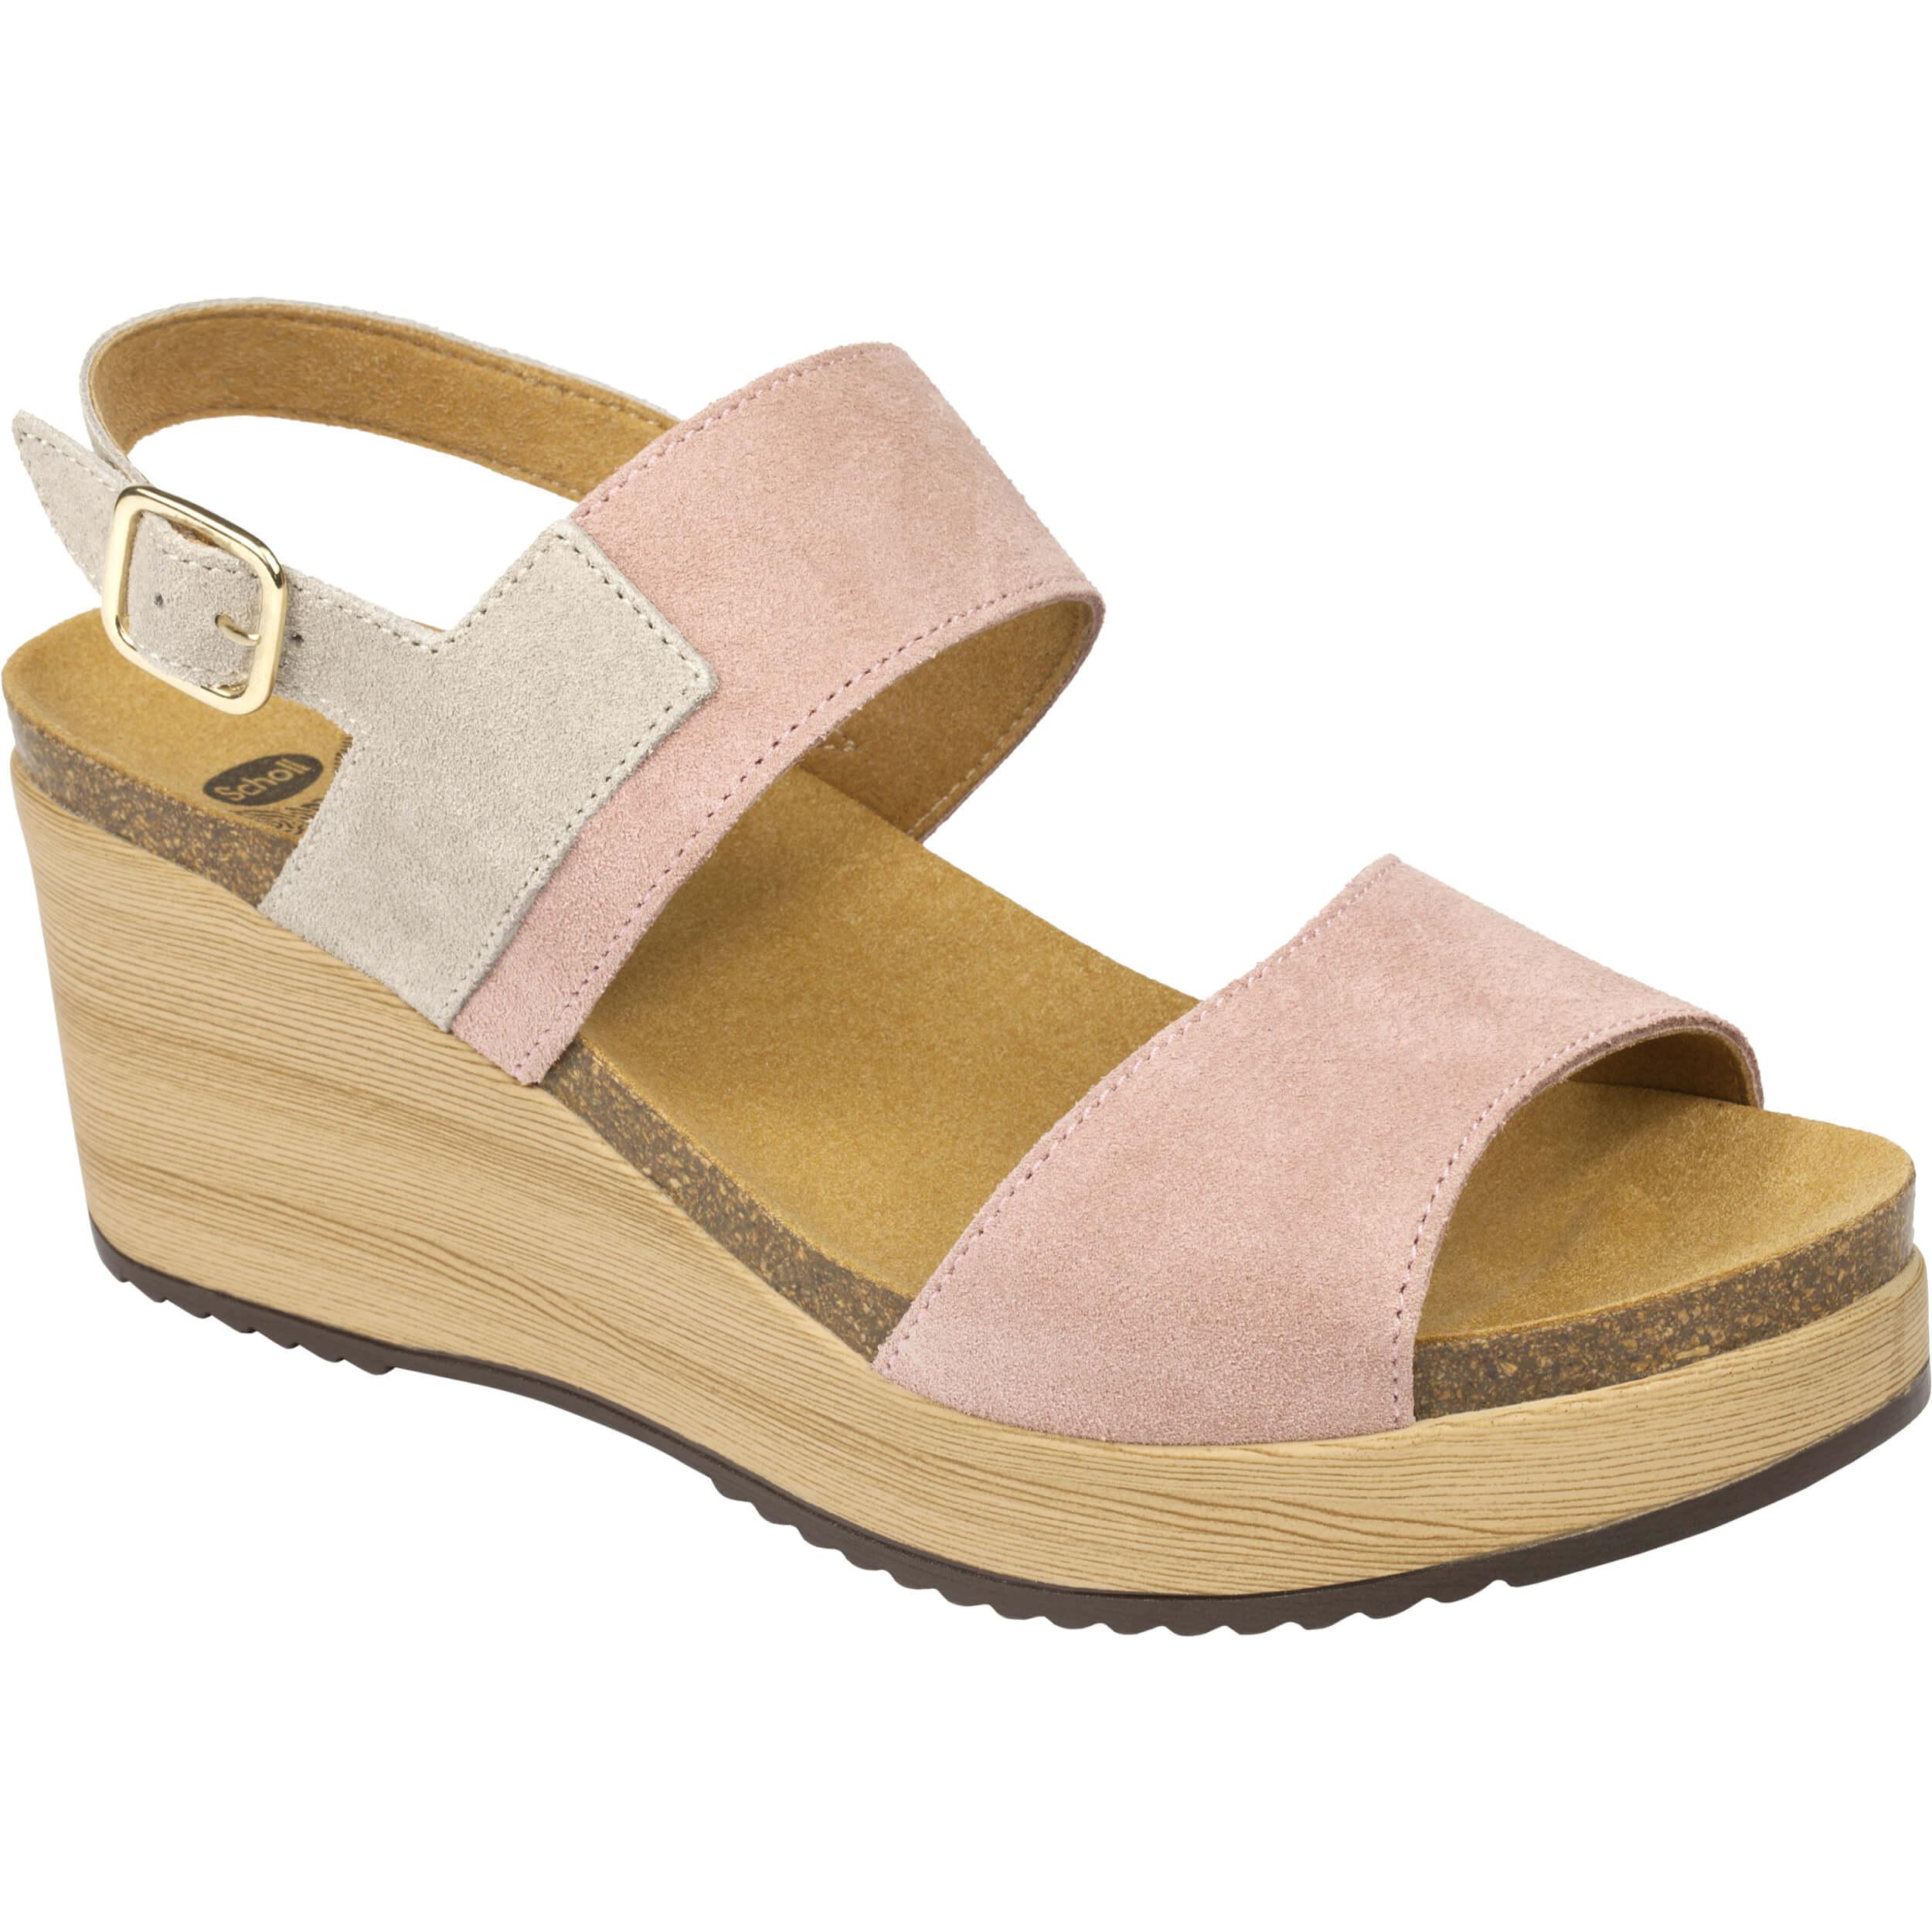 adf41193f4a Dr Scholl Shoes Elara Ροζ ΝΕΟ Γυναικεία Ανατομικά Παπούτσια Χαρίζουν Σωστή  Στάση & Φυσικό Χωρίς Πόνο Βάδισμα 1 Ζευγάρι | Pharm24.gr